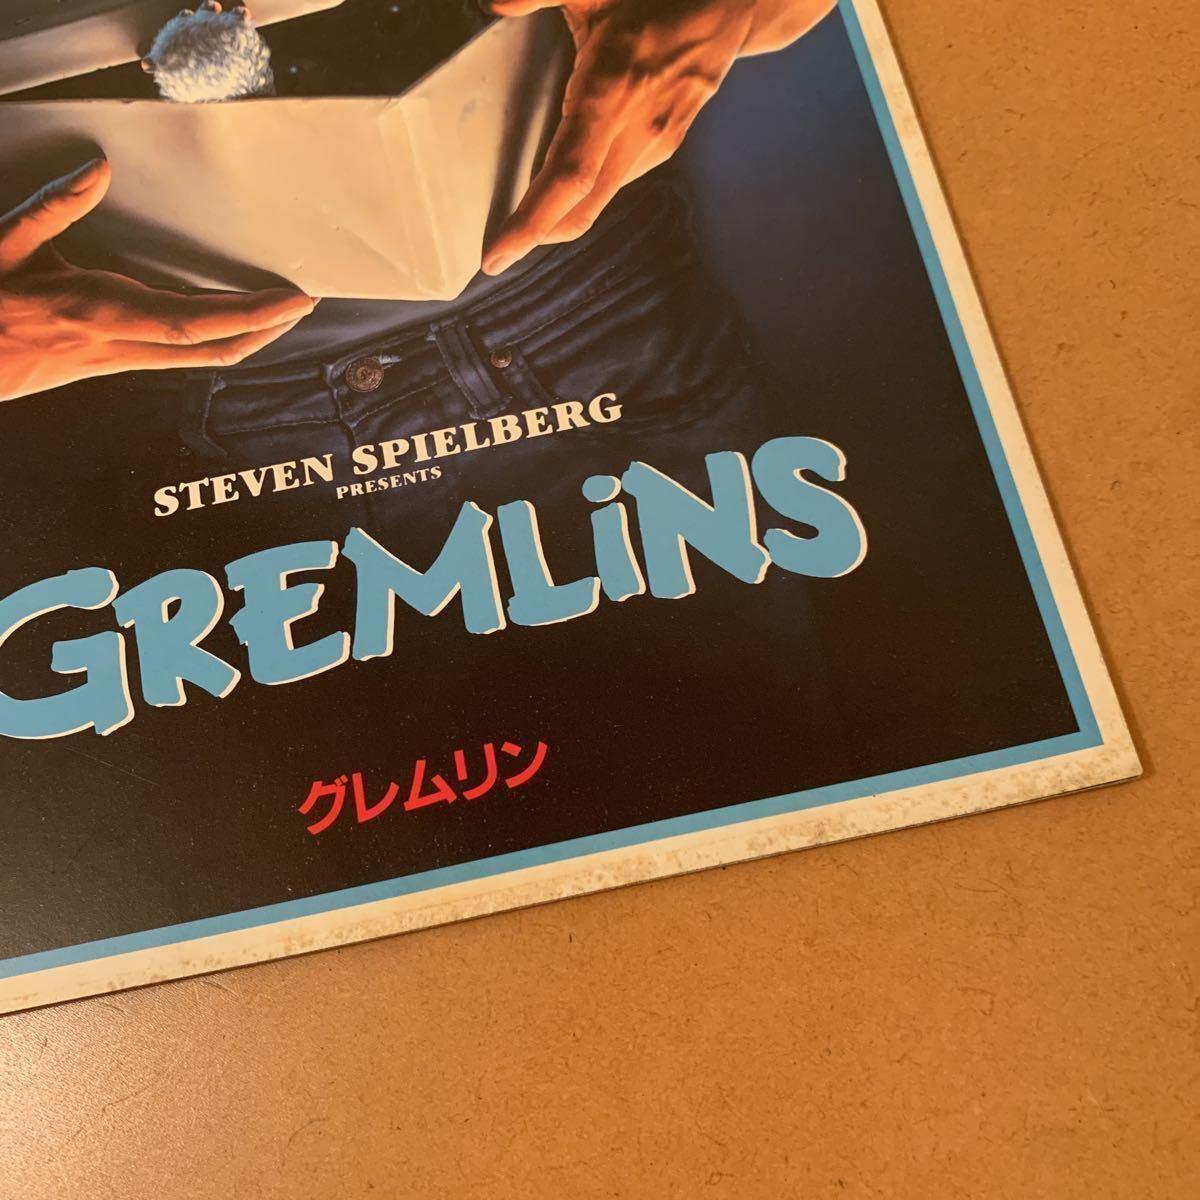 【映画パンフレット】『グレムリン』1984年公開作品 製作総指揮 スティーブン・スピルバーグ_画像6